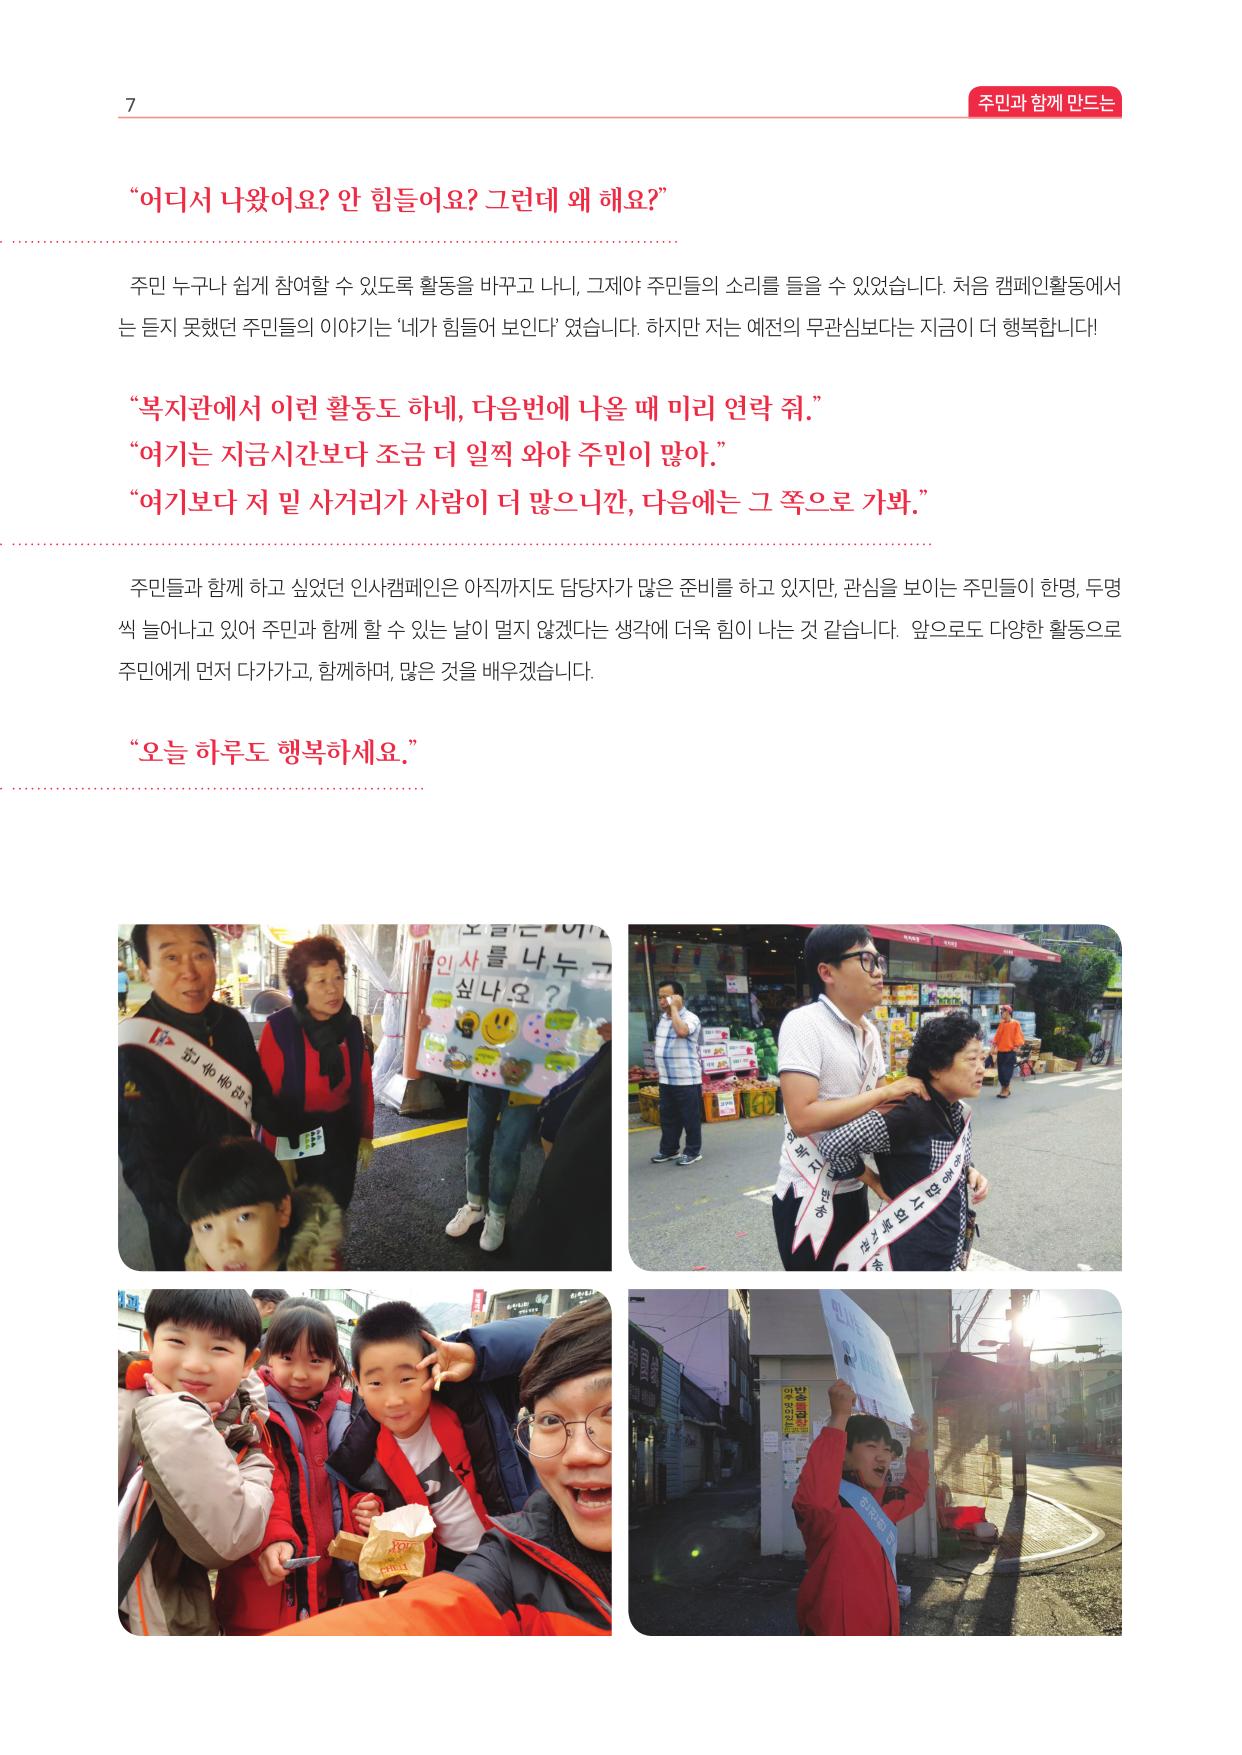 반송종합사회복지관연간소식지(2017)-07.jpg